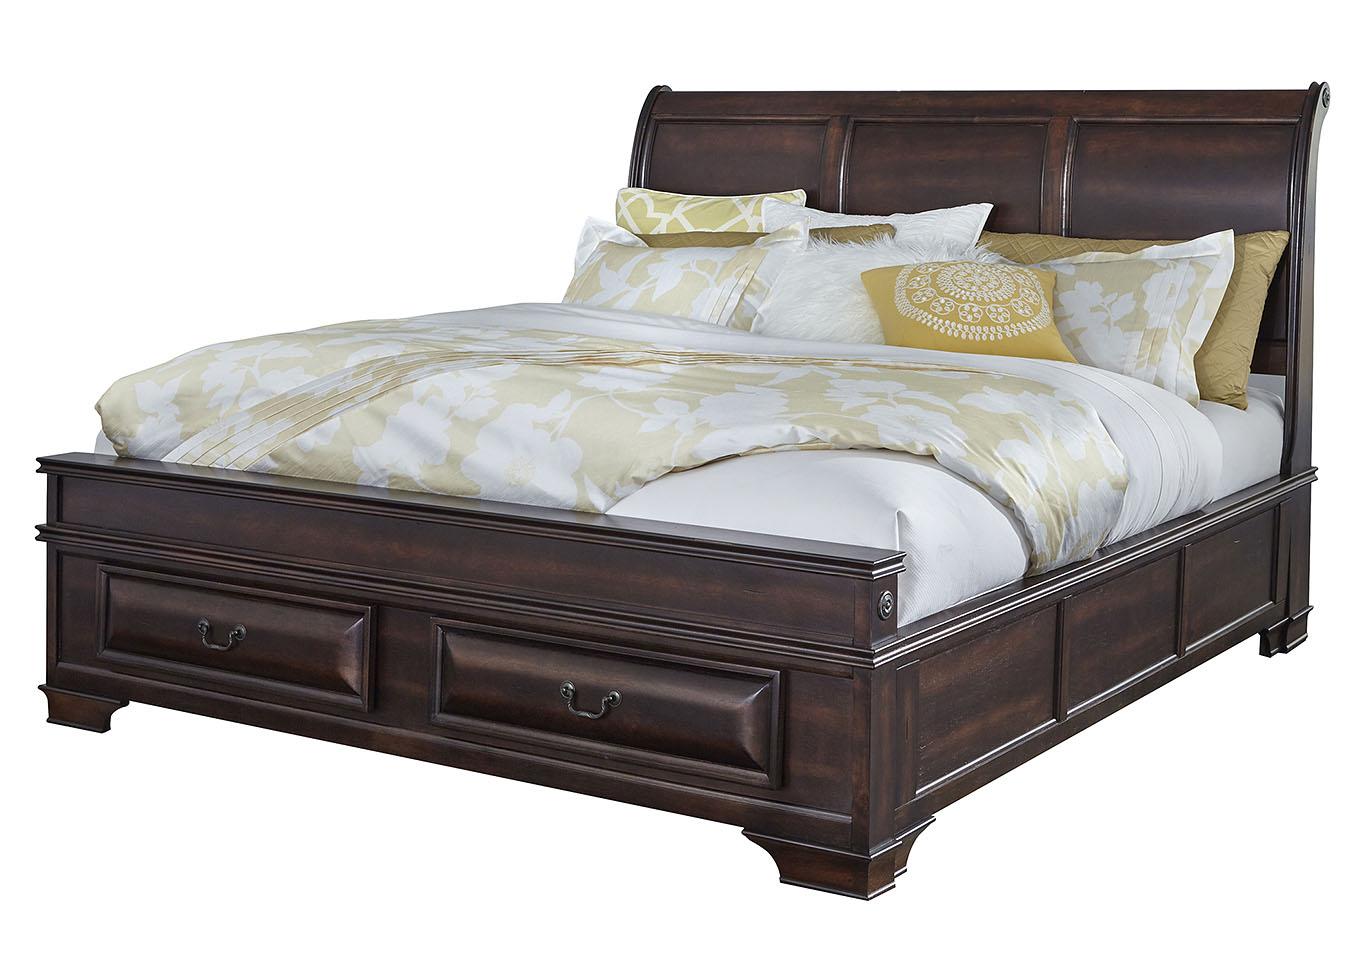 85 Queen Bedroom Sets Usa Best Free